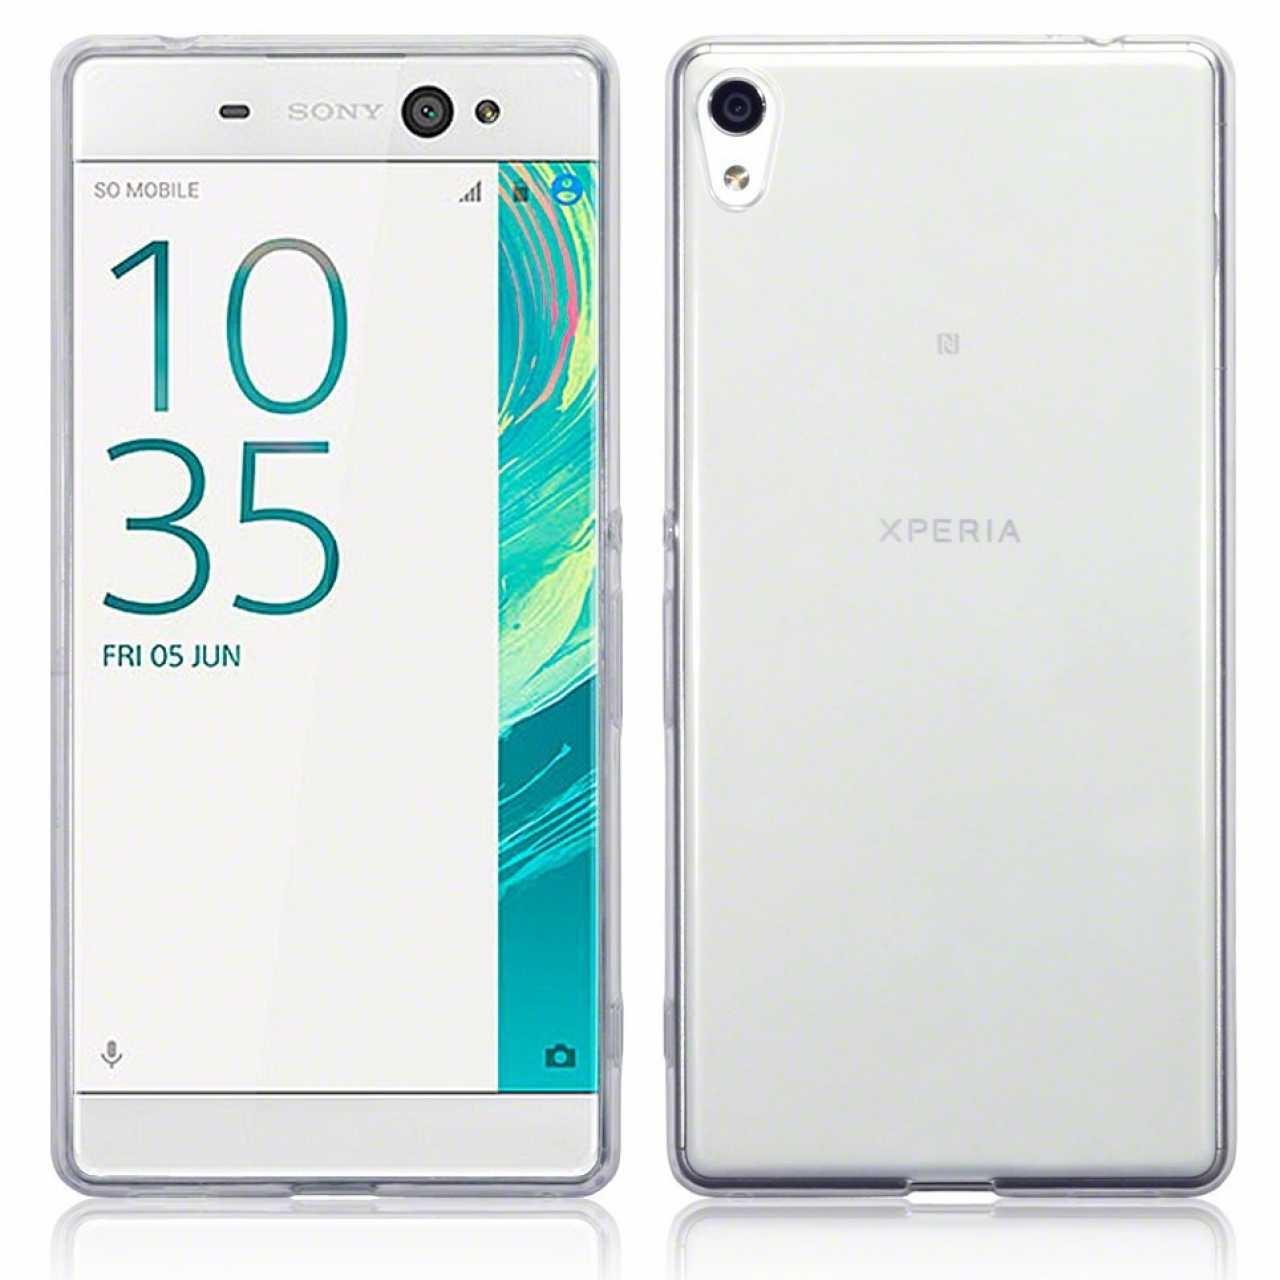 گوشی موبایل سونی مدل XPERIA XA ULTRA با ظرفیت 16 گیگابایت - دو سیم کارت